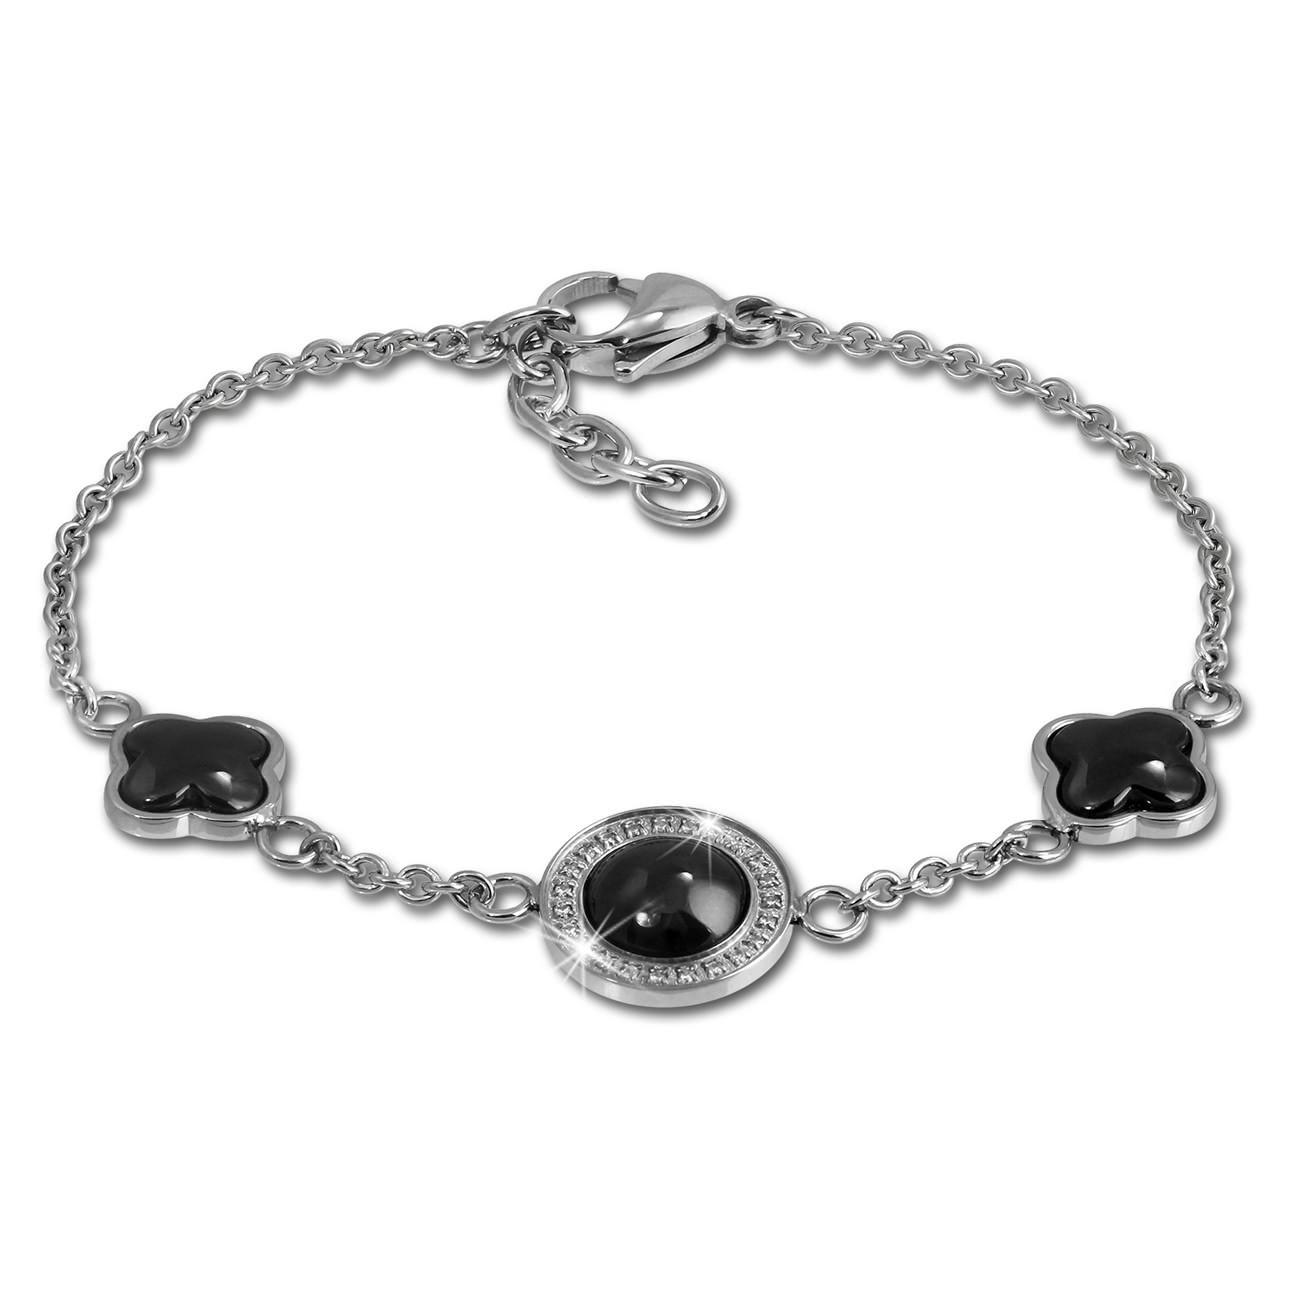 Amello Armband Keramik Rund schwarz Zirkonia Damen Edelstahlschmuck ESAX30S8